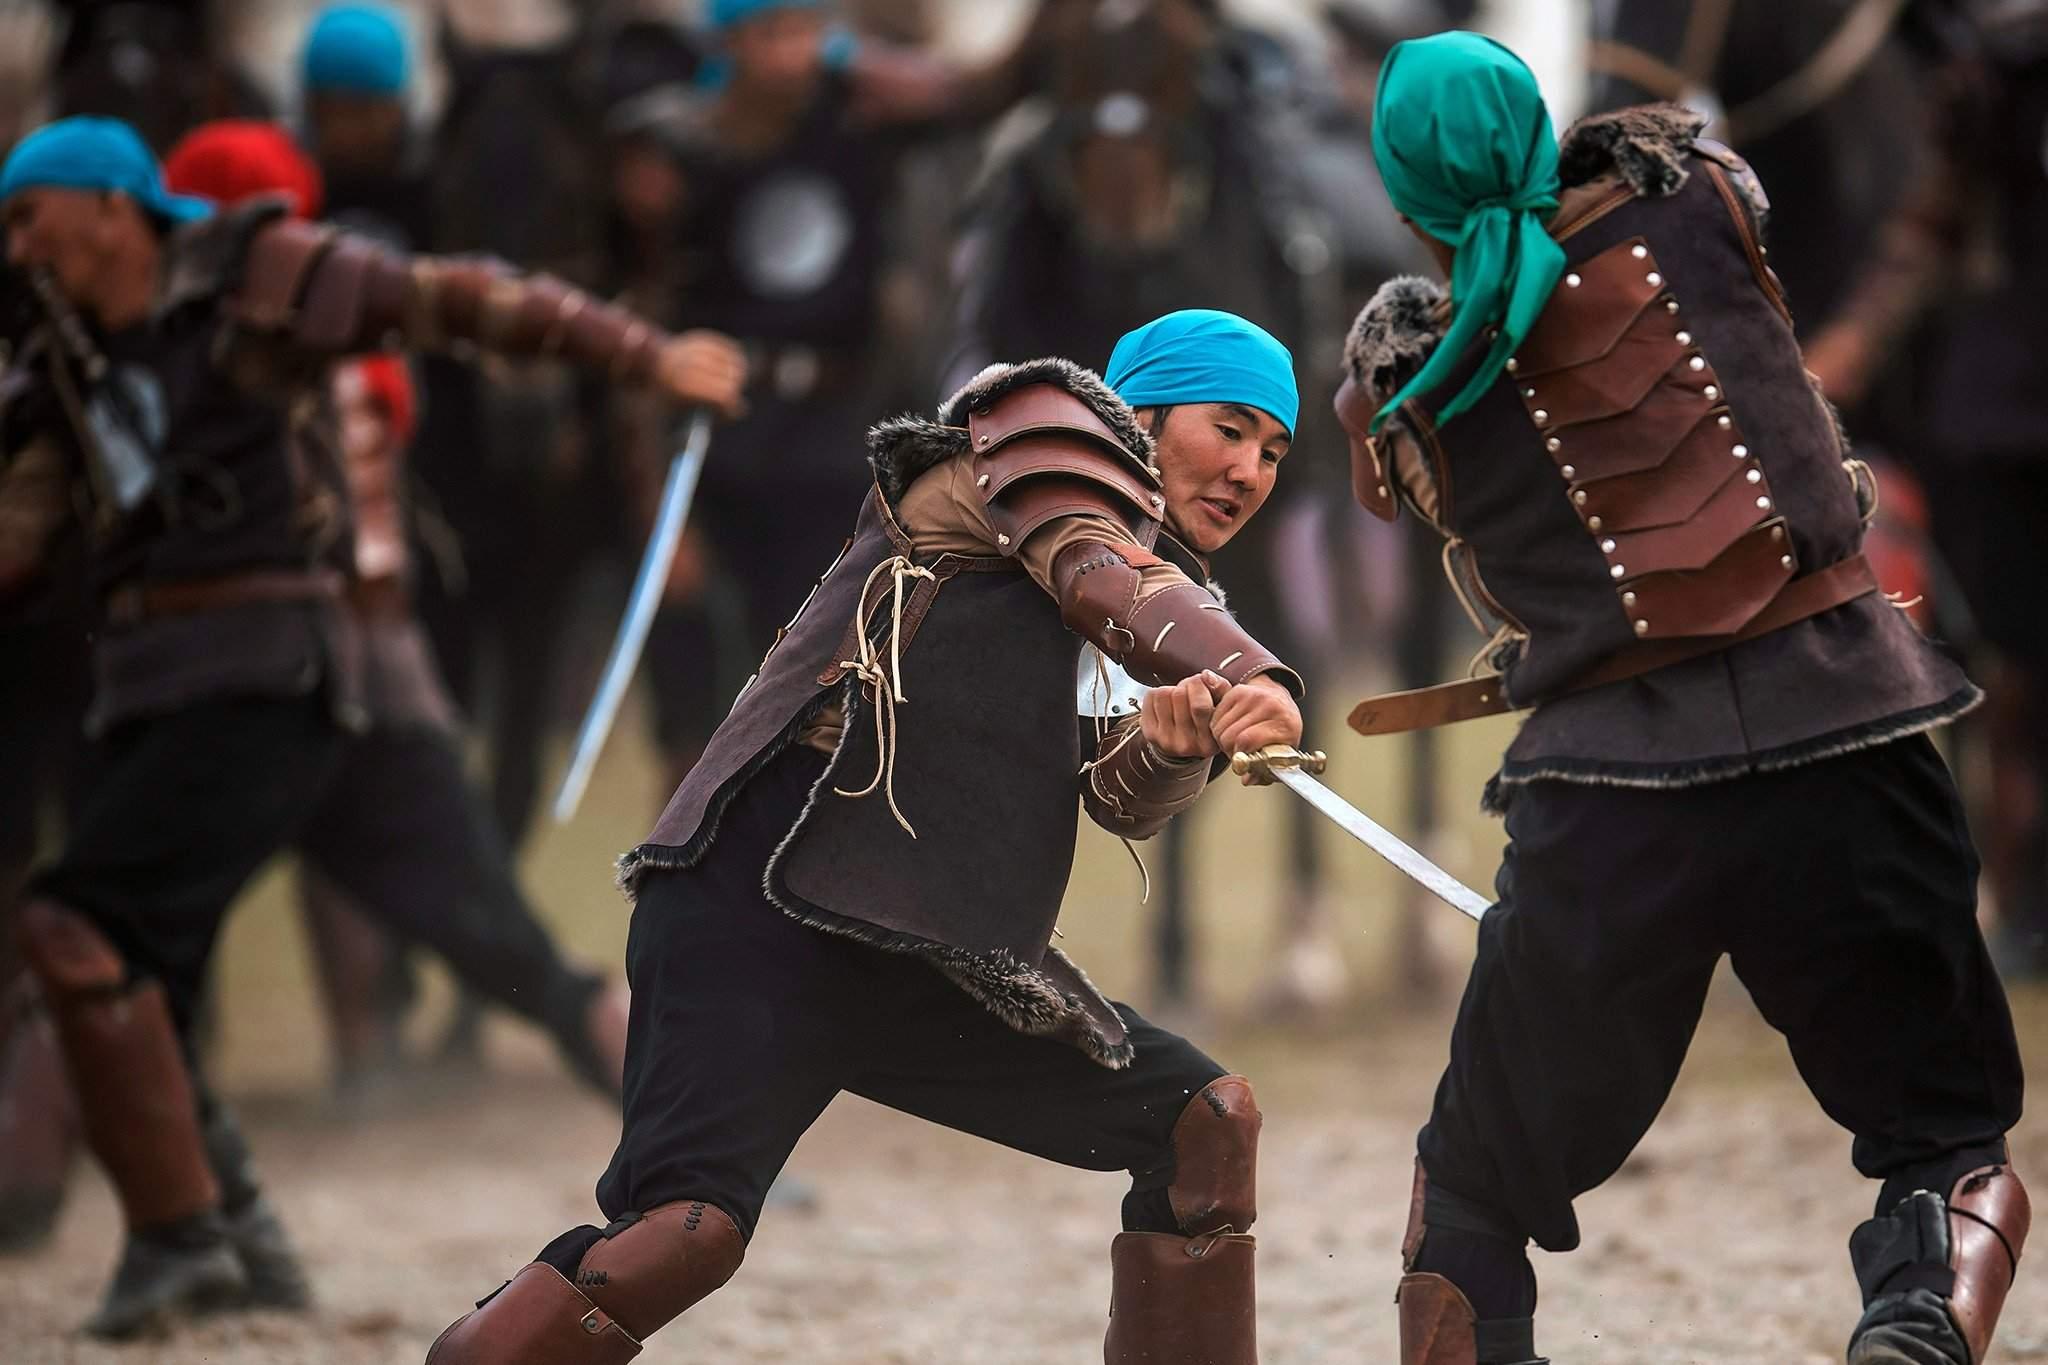 Нүүдэлчдийн наадам нь Азийн ард түмний үндэсний спортын төрлүүдийг олон улсад таниулах, нүүдэлчдийн соёл заншлыг сэргээх зорилготой.